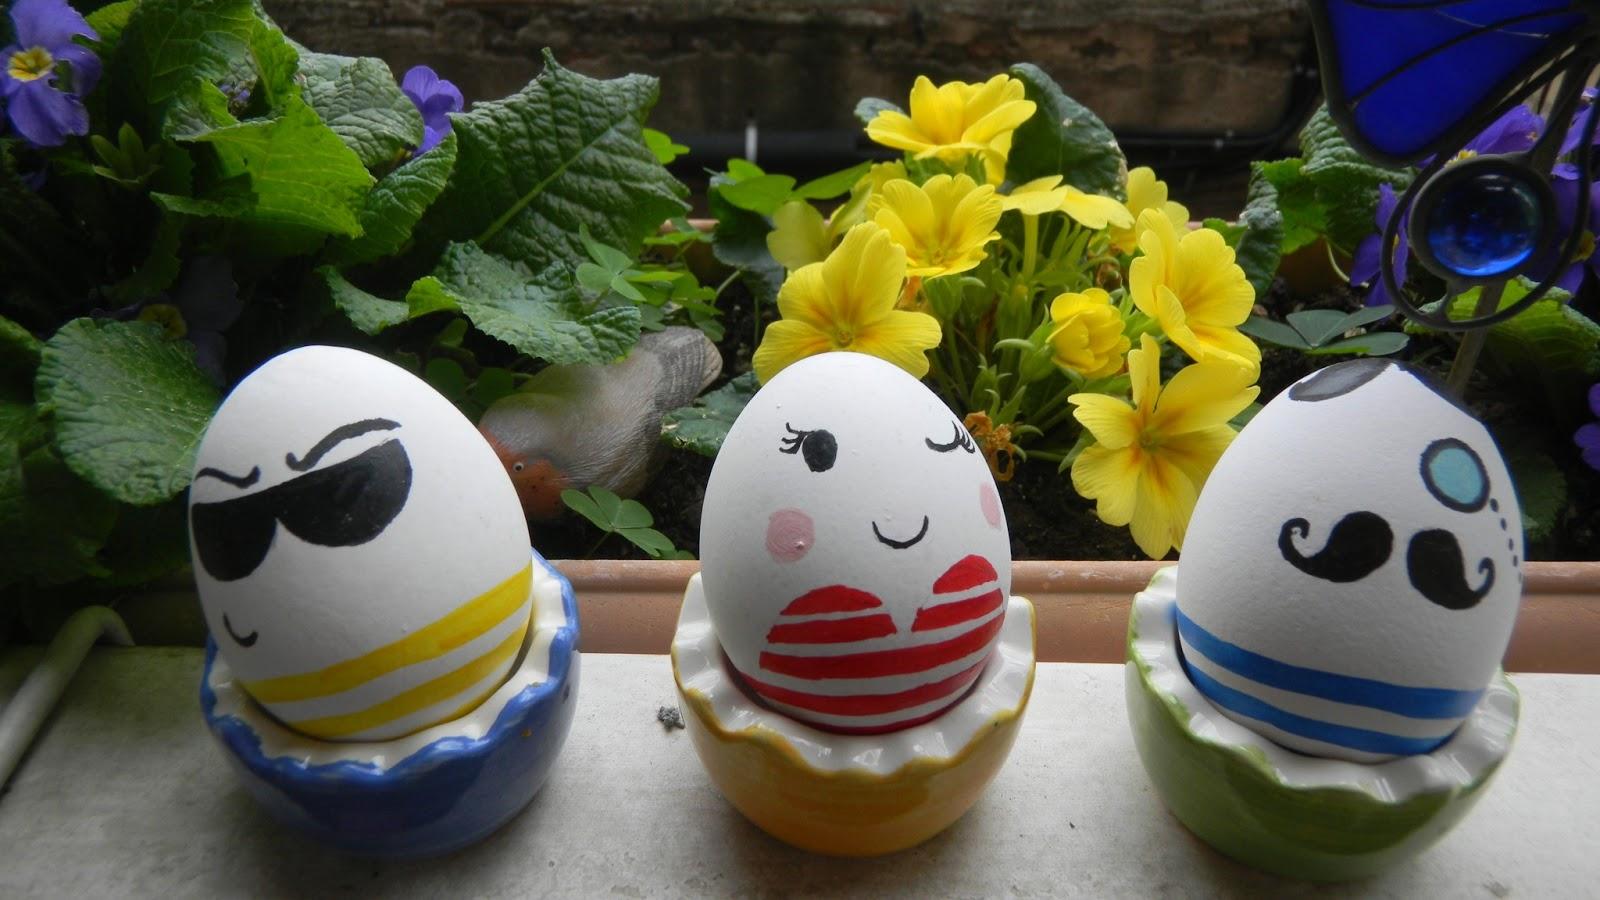 Huevos de pascua decorados vol 3 21 fotos imagenes y - Videos de huevos de pascua ...